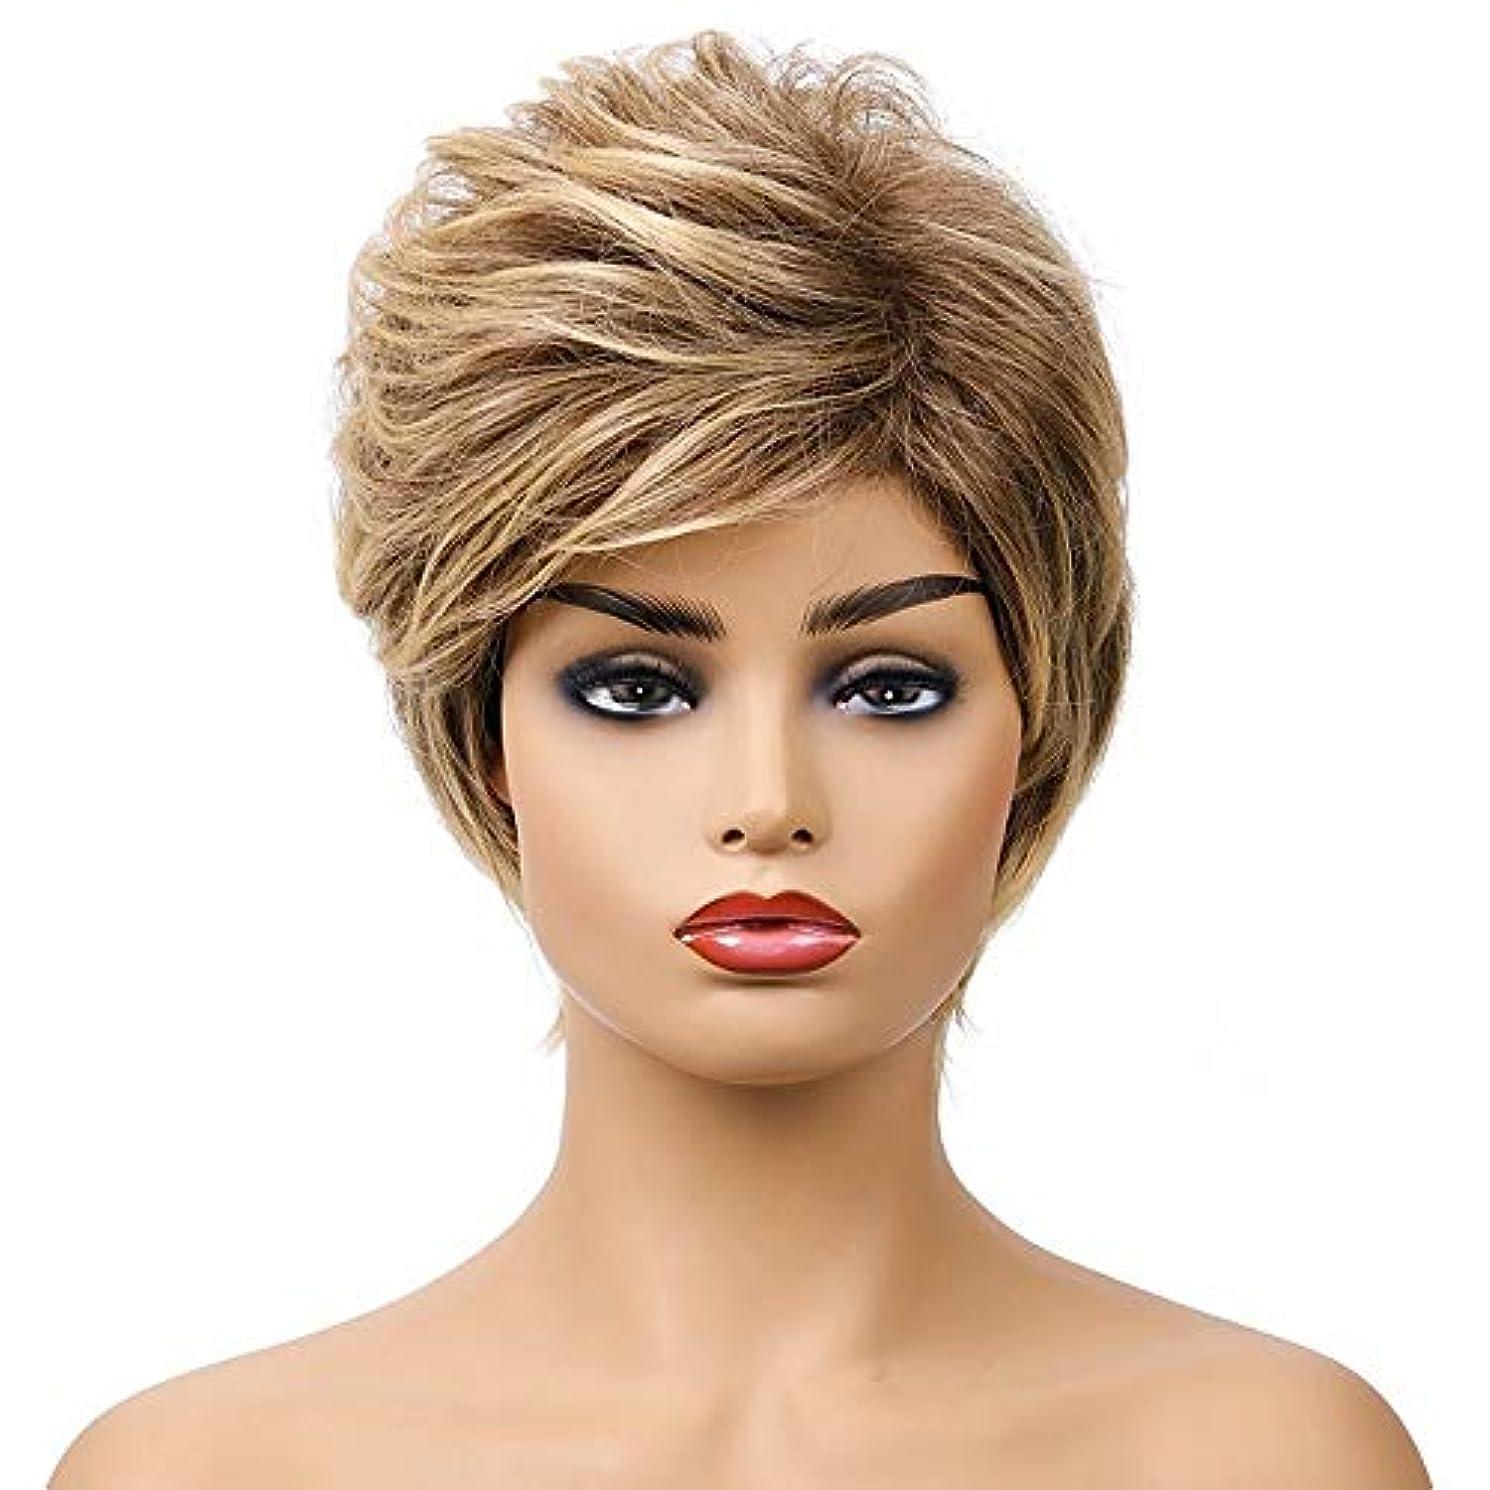 シェトランド諸島請う多数の女性の短い茶色の巻き毛のかつら、女性の側部のかつら、黒人女性のための自然なかつら、合成衣装ハロウィンコスプレパーティーウィッグ、茶色の黄色の混合色(ウィッグキャップ付き)